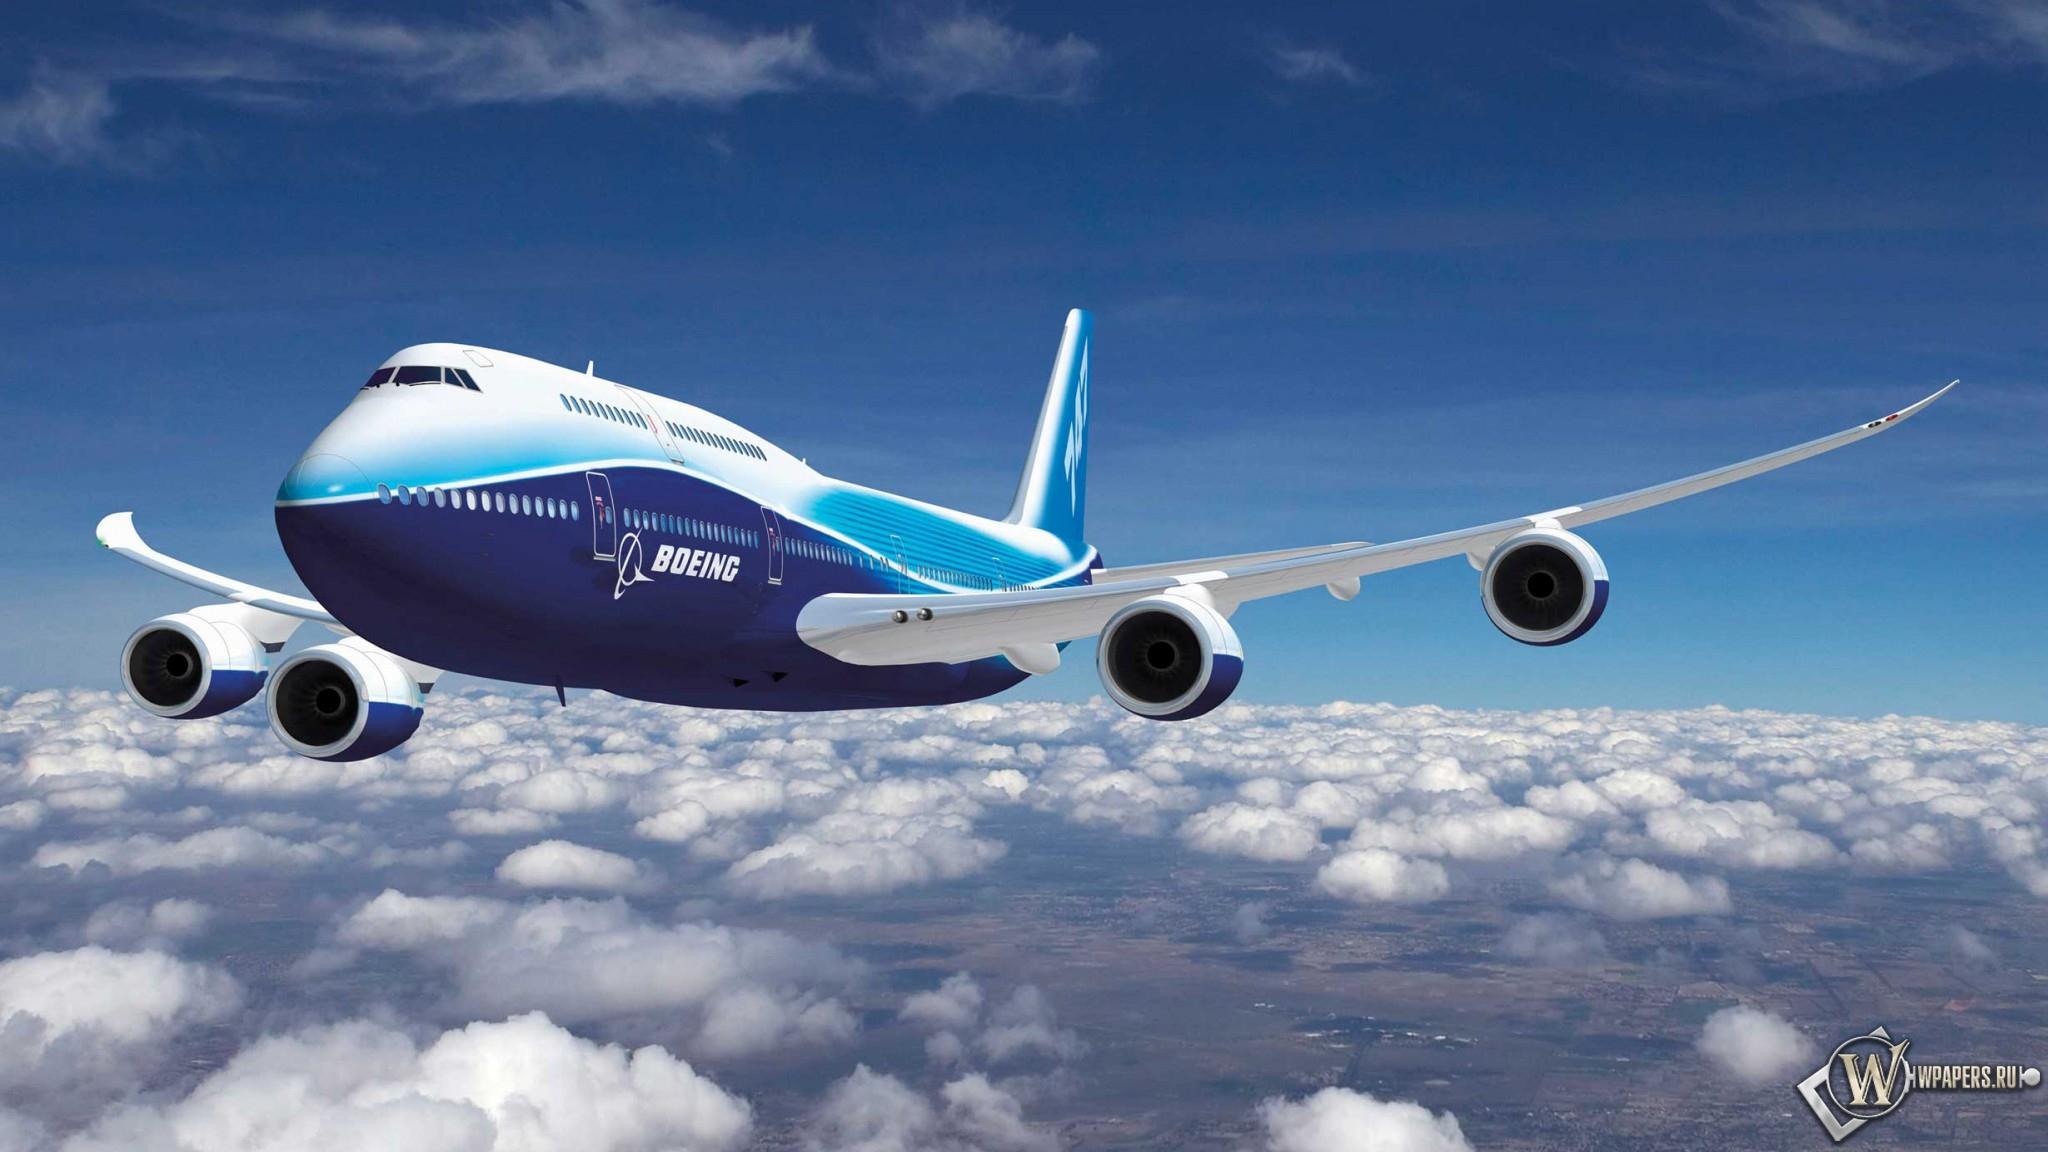 Boeing-747 2048x1152